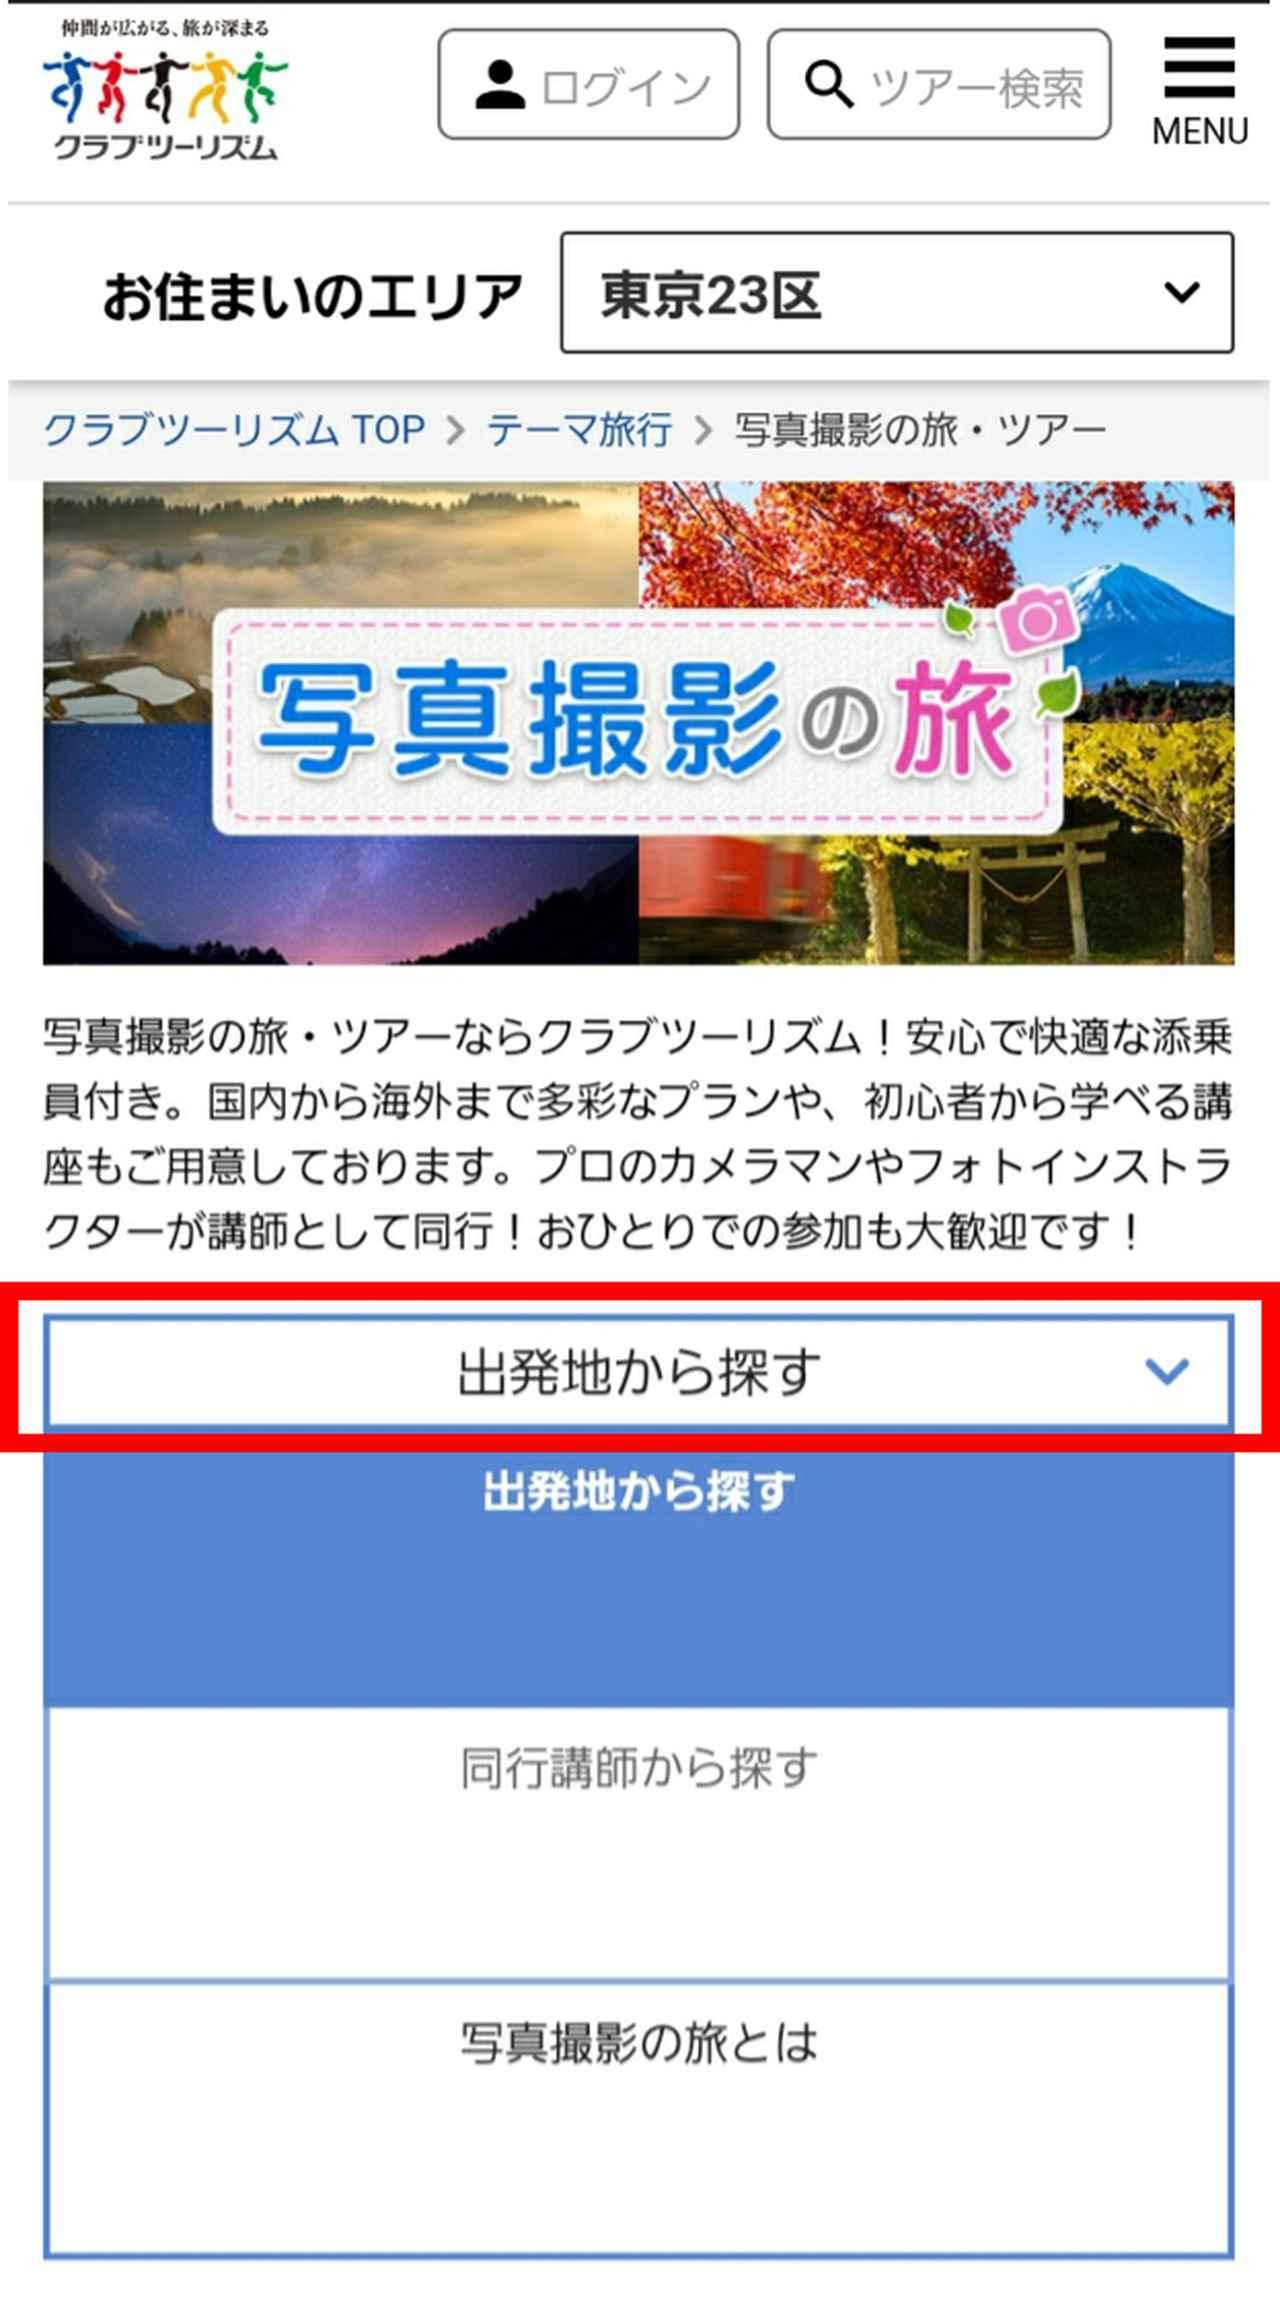 画像: スマートフォン等の場合、左記の『出発地から探す』の中に『同行講師から探す』のタブがあります。